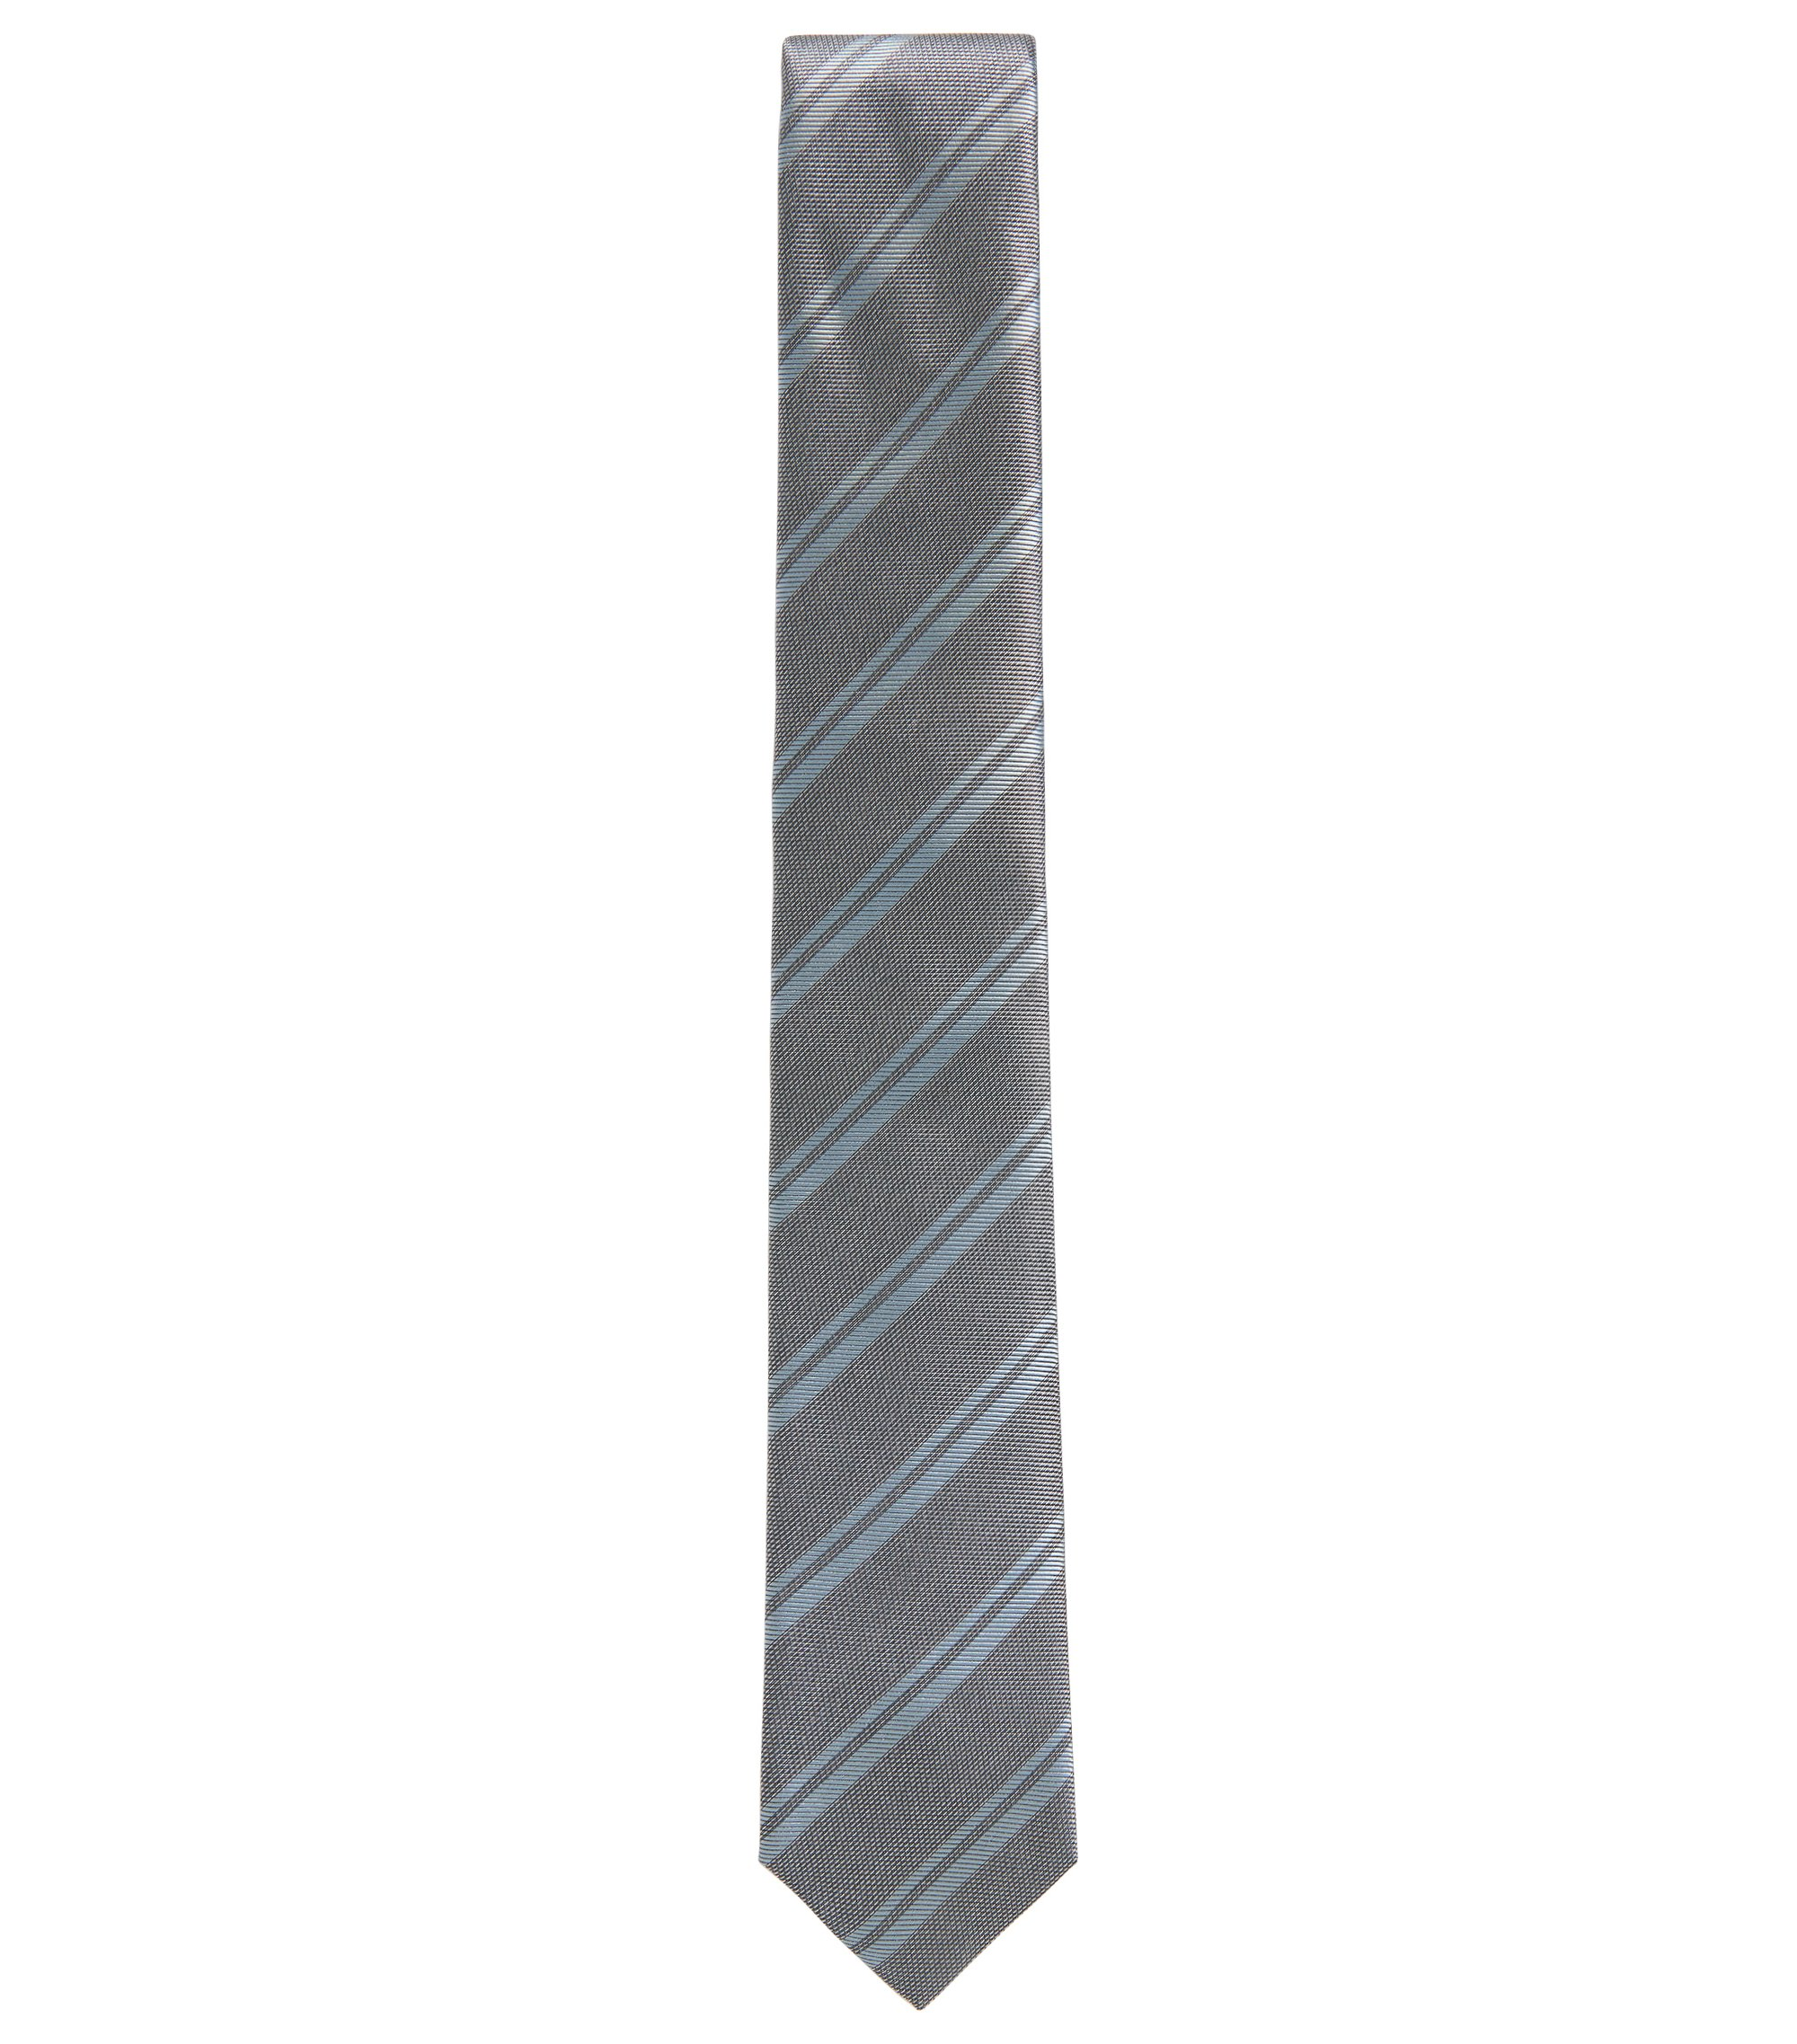 BOSS Tailored Striped Italian Silk Tie, Open Grey